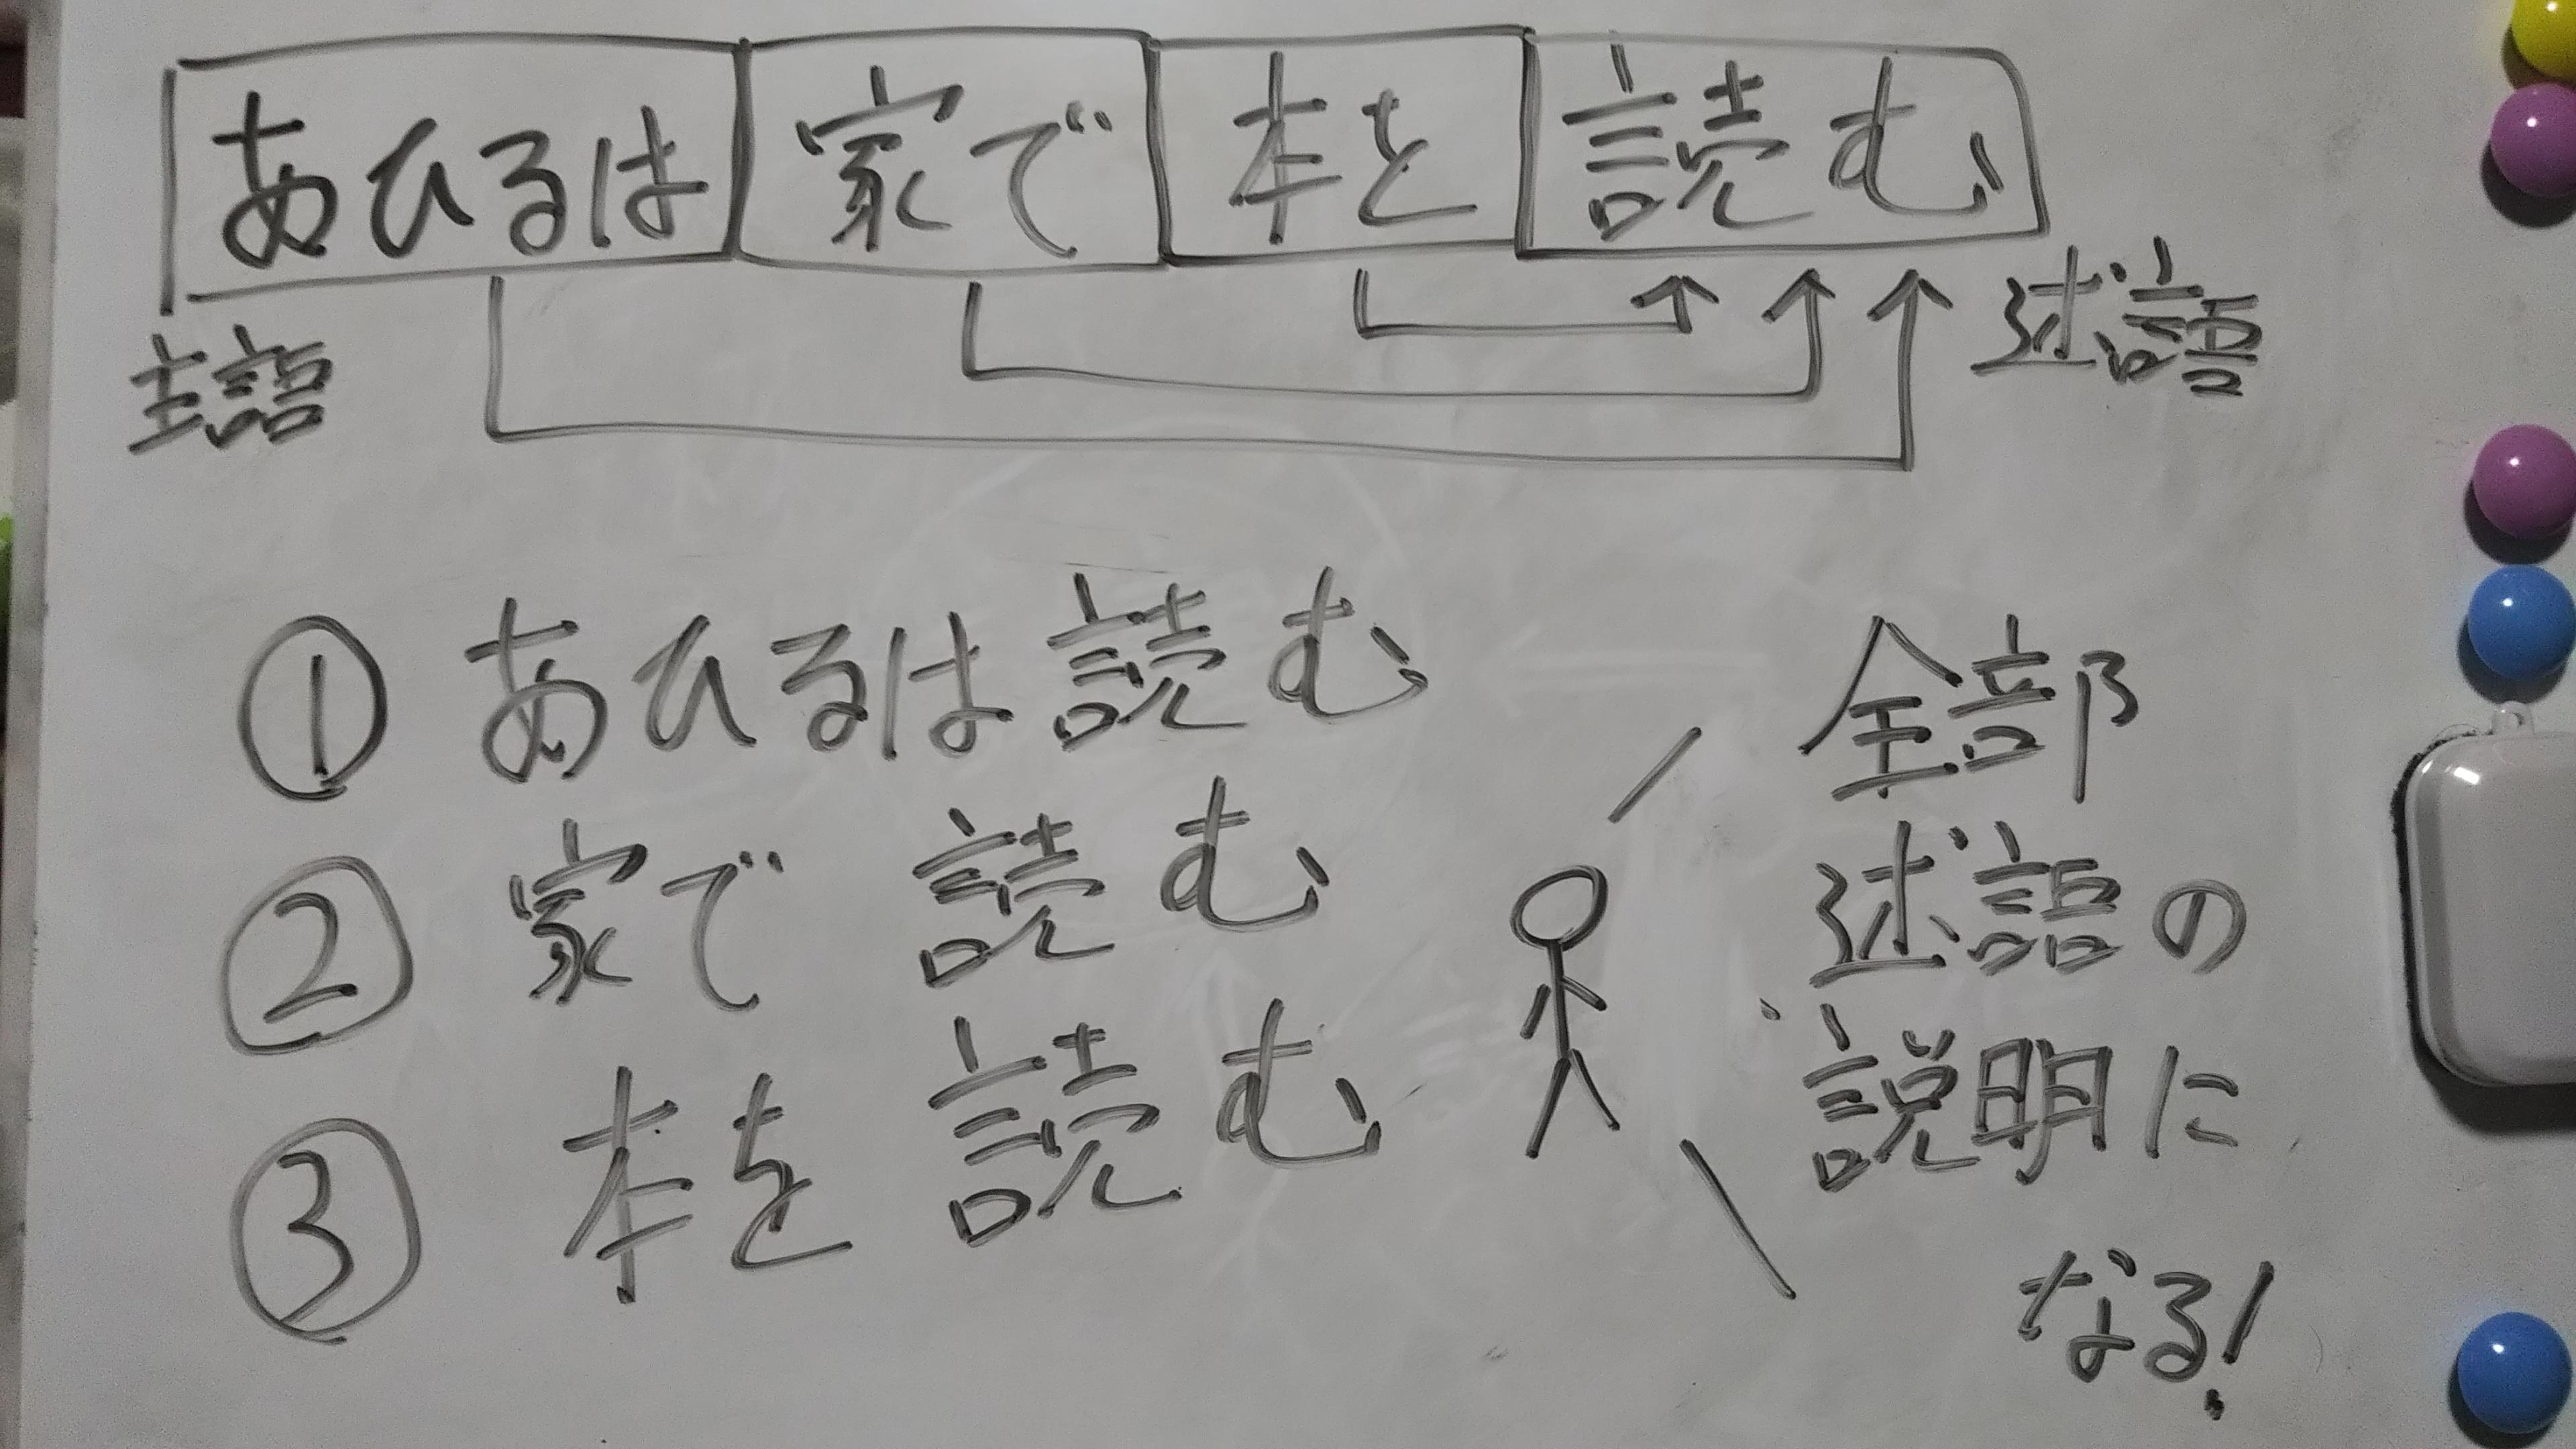 【本の感想】「日本人のための日本語文法入門」で日本語文法を学ぼう!